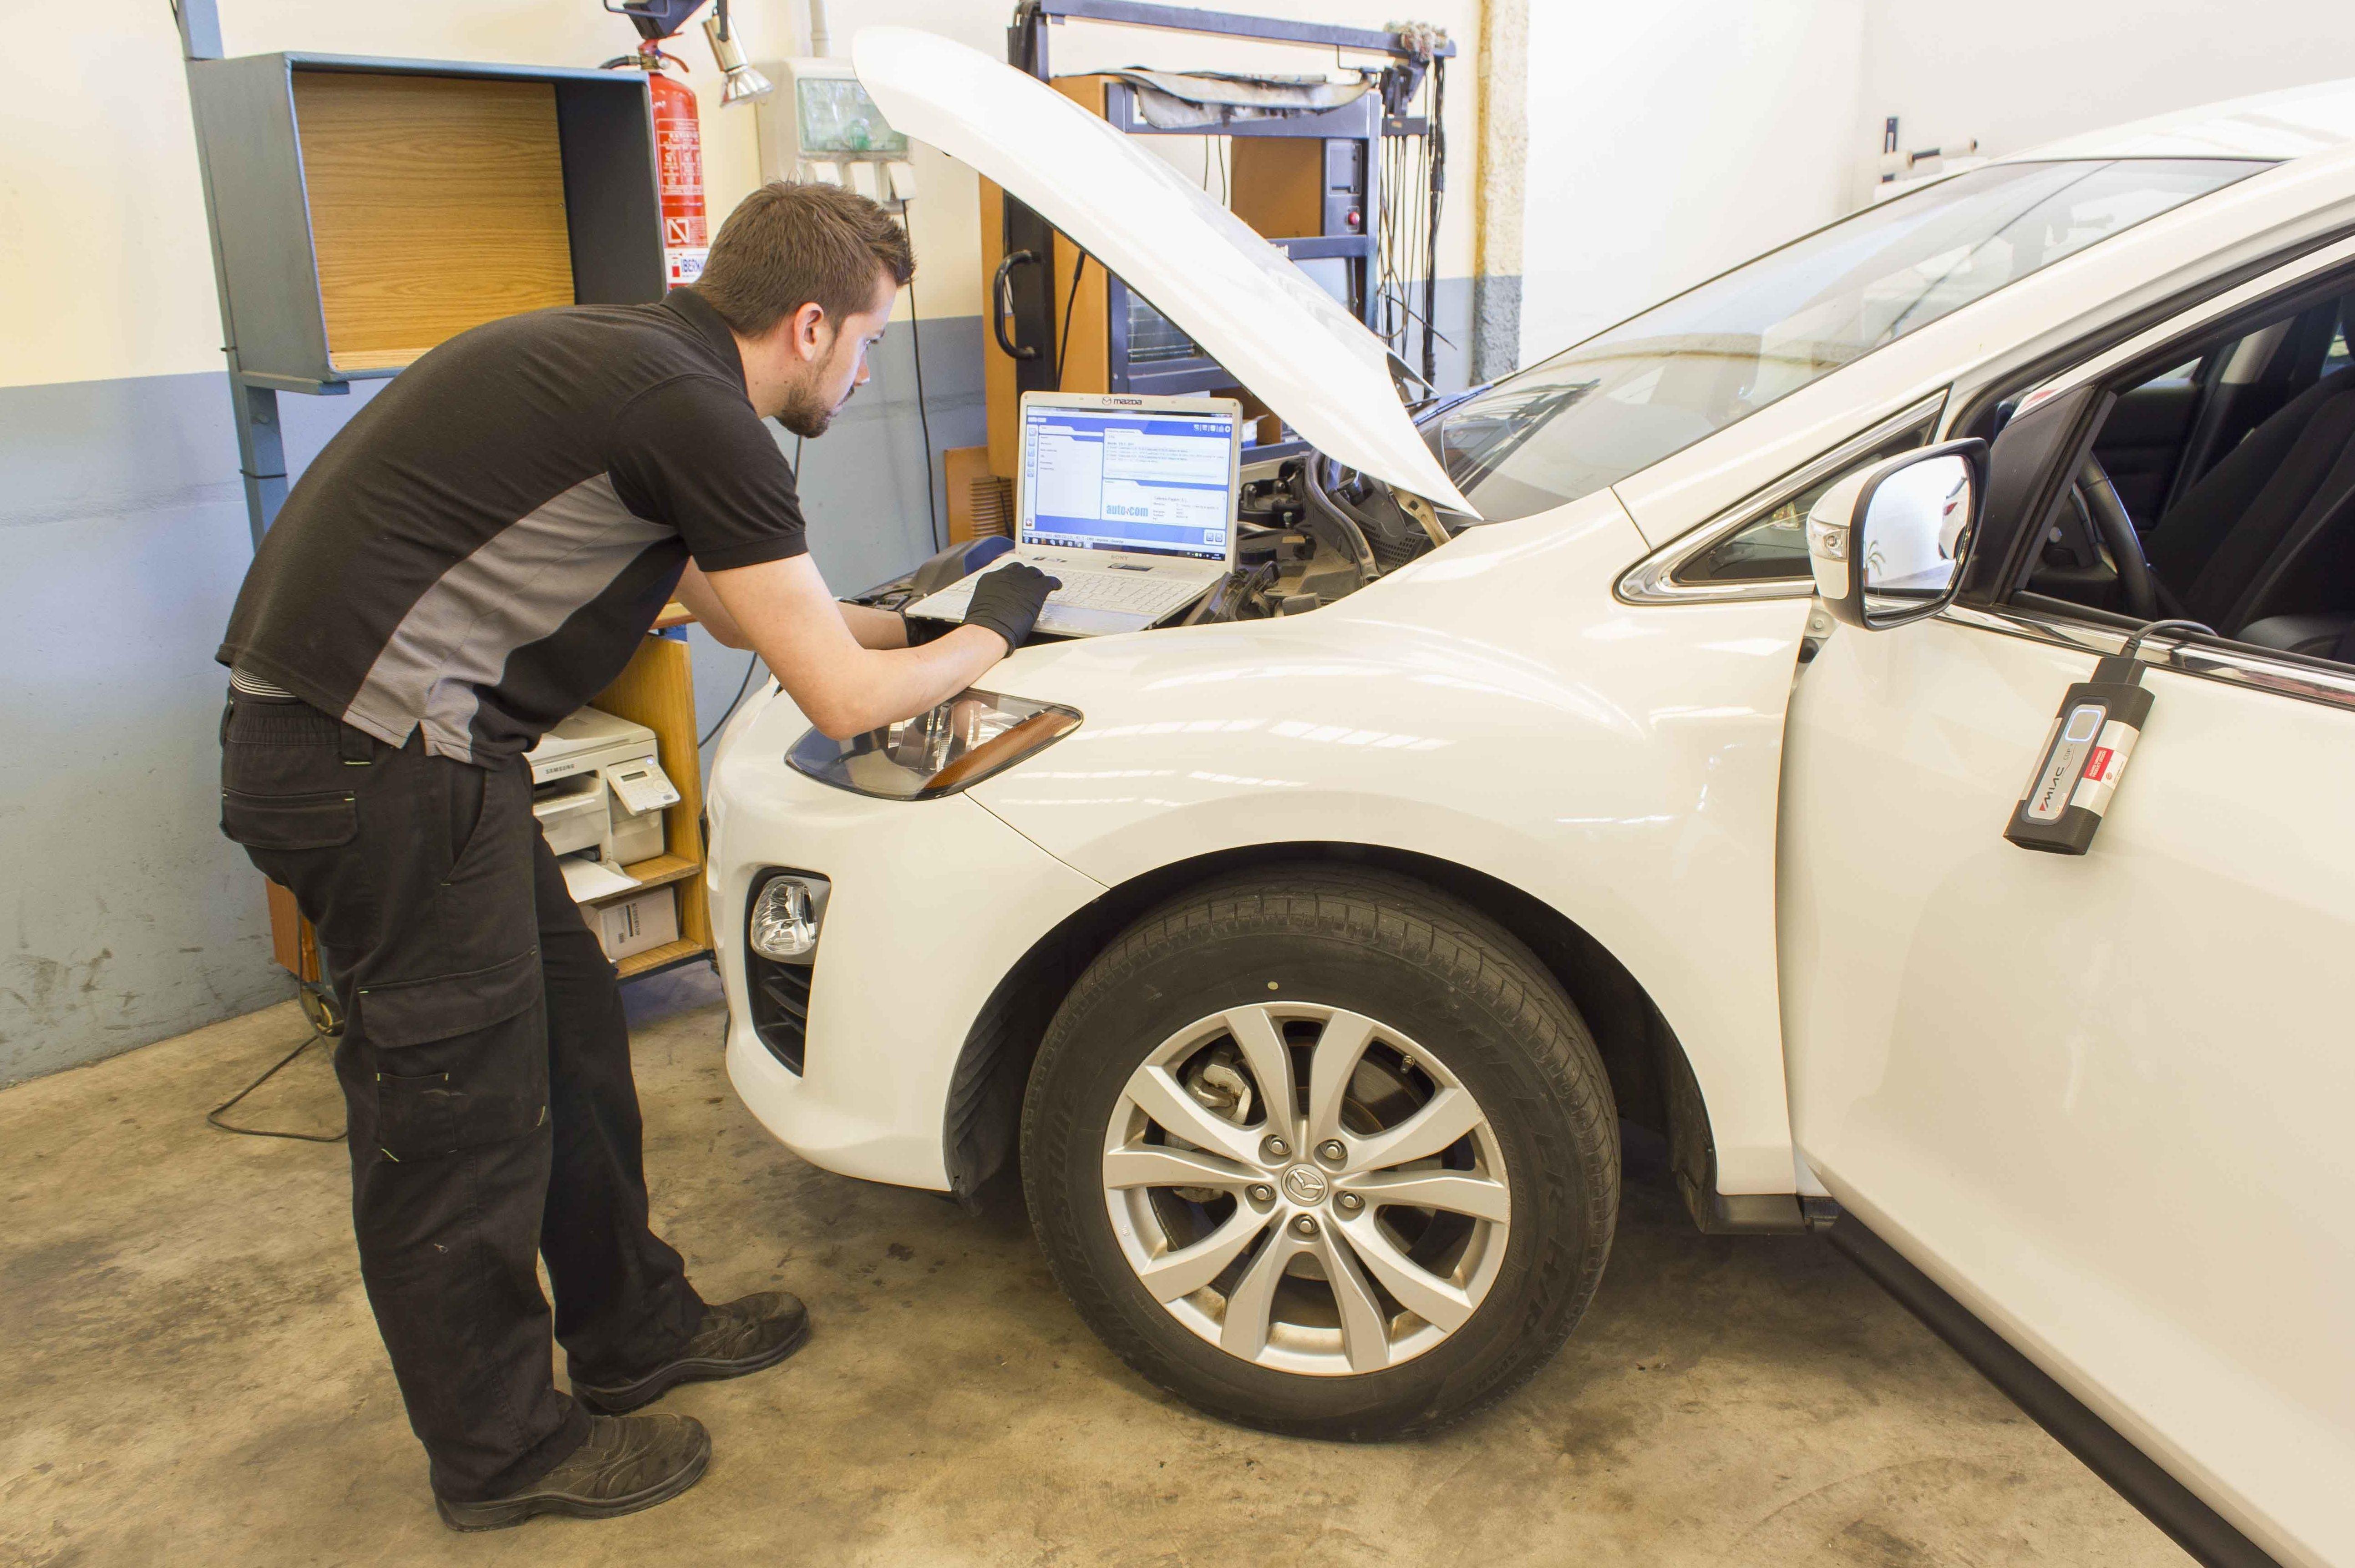 Disponemos de todos los programas de diagnosis de averías de vehículos para una perfecta reparación